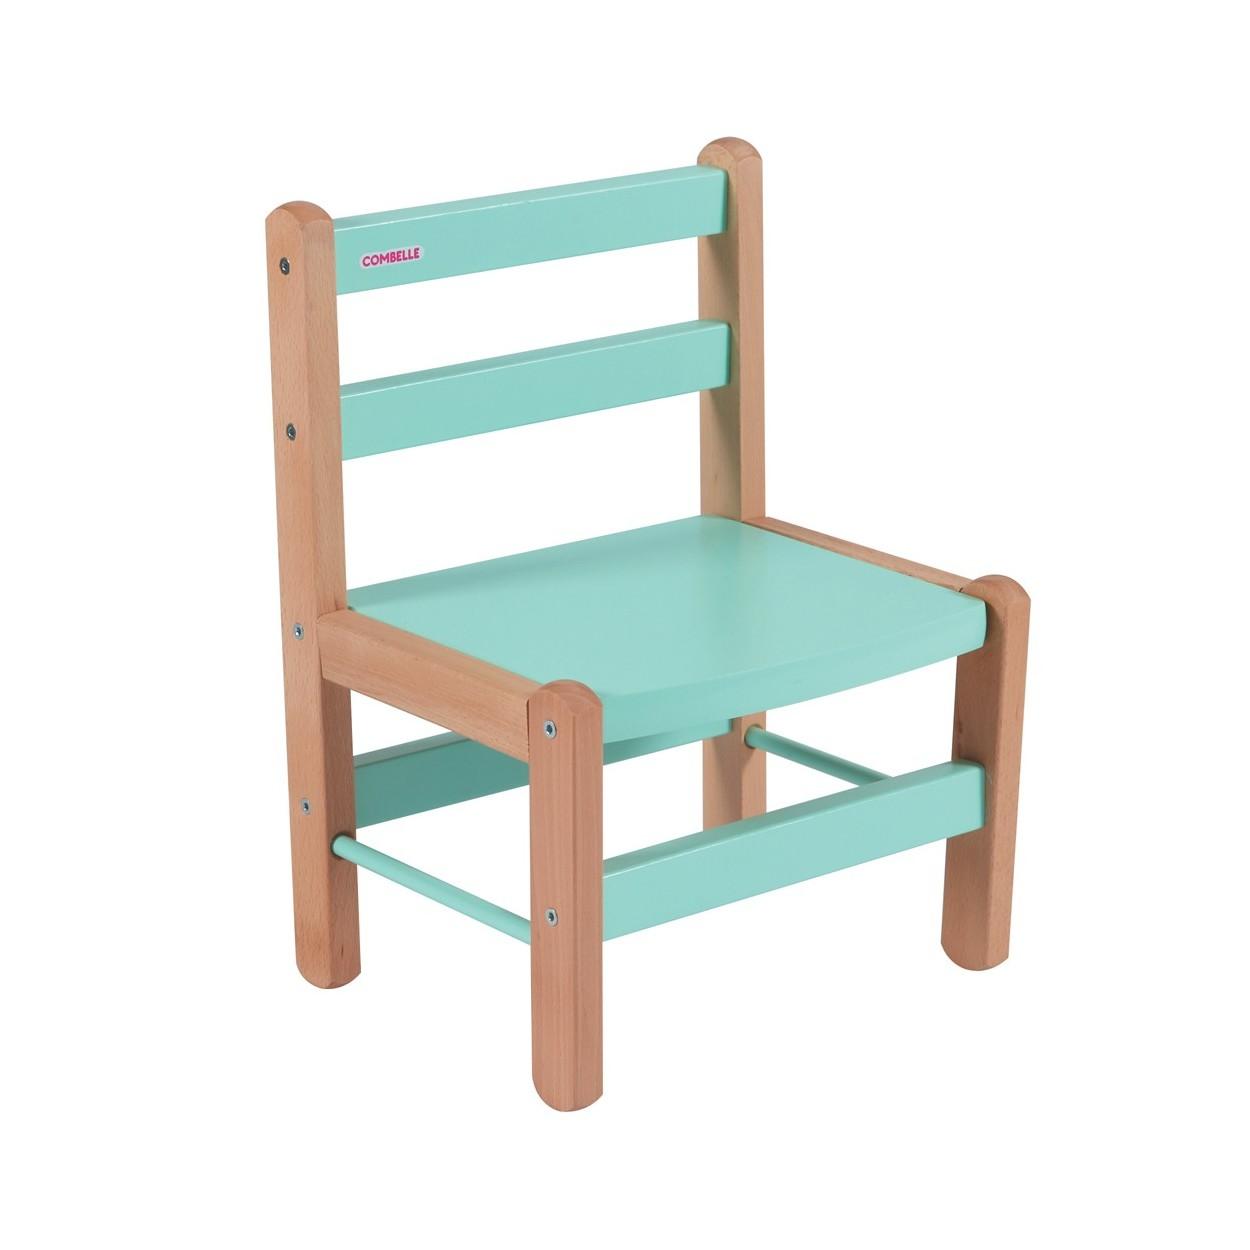 Chaise enfant bicolore vert menthe - 33x46x27 cm